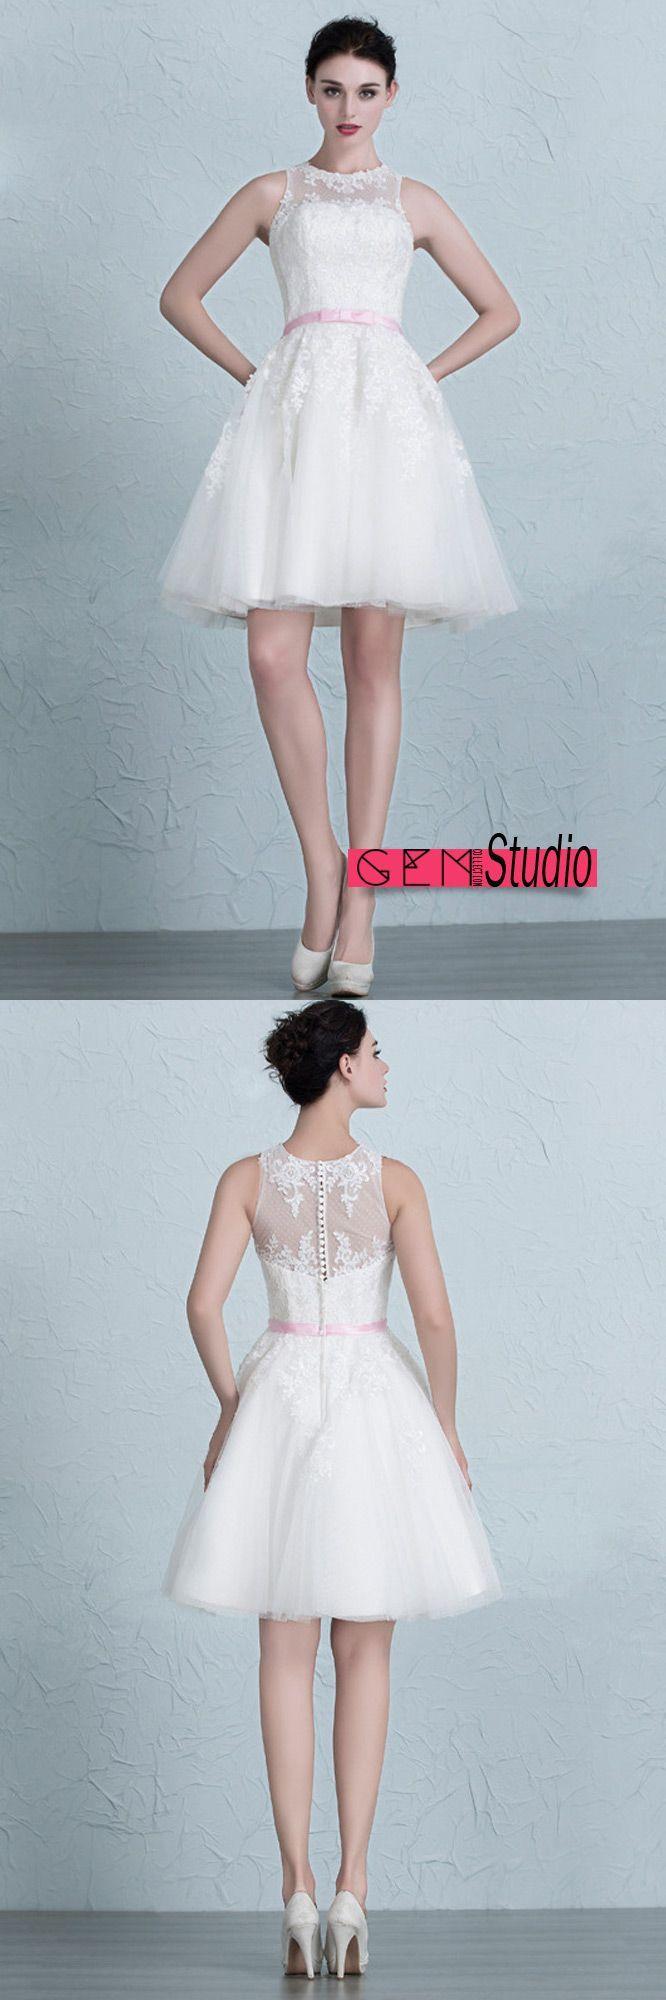 816 besten Sweet & Short Wedding Dress Bilder auf Pinterest